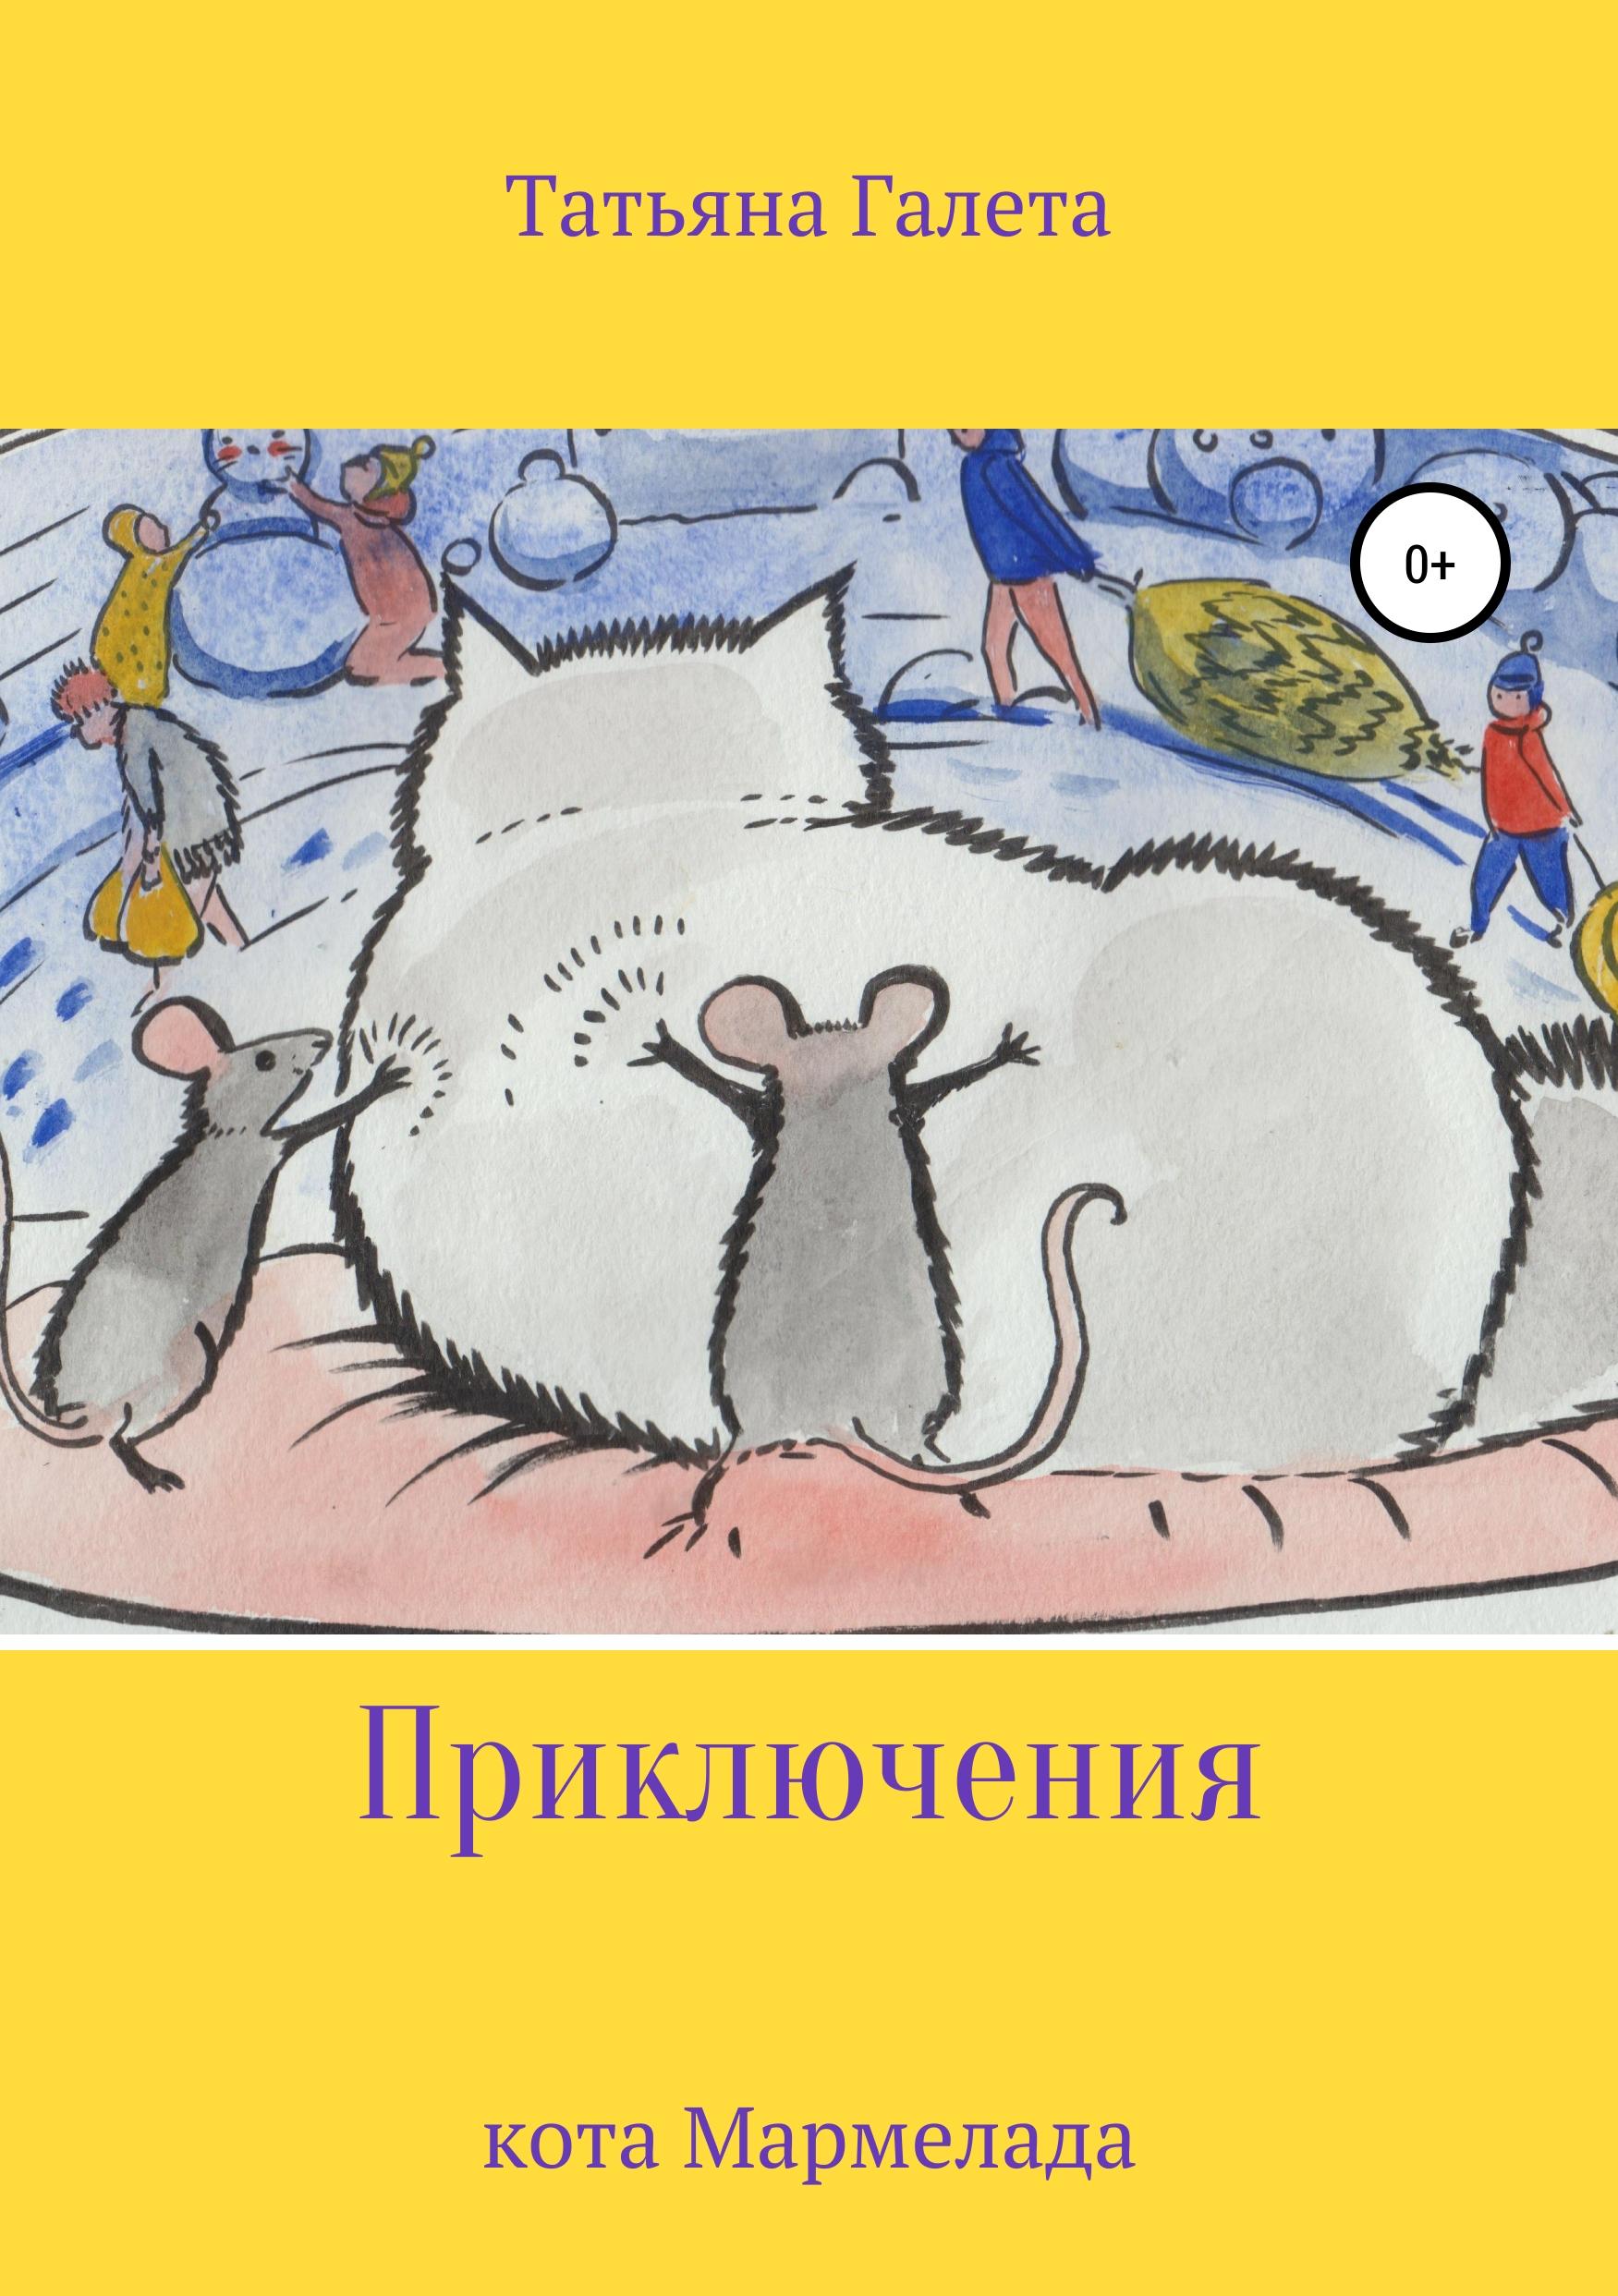 Приключения кота Мармелада